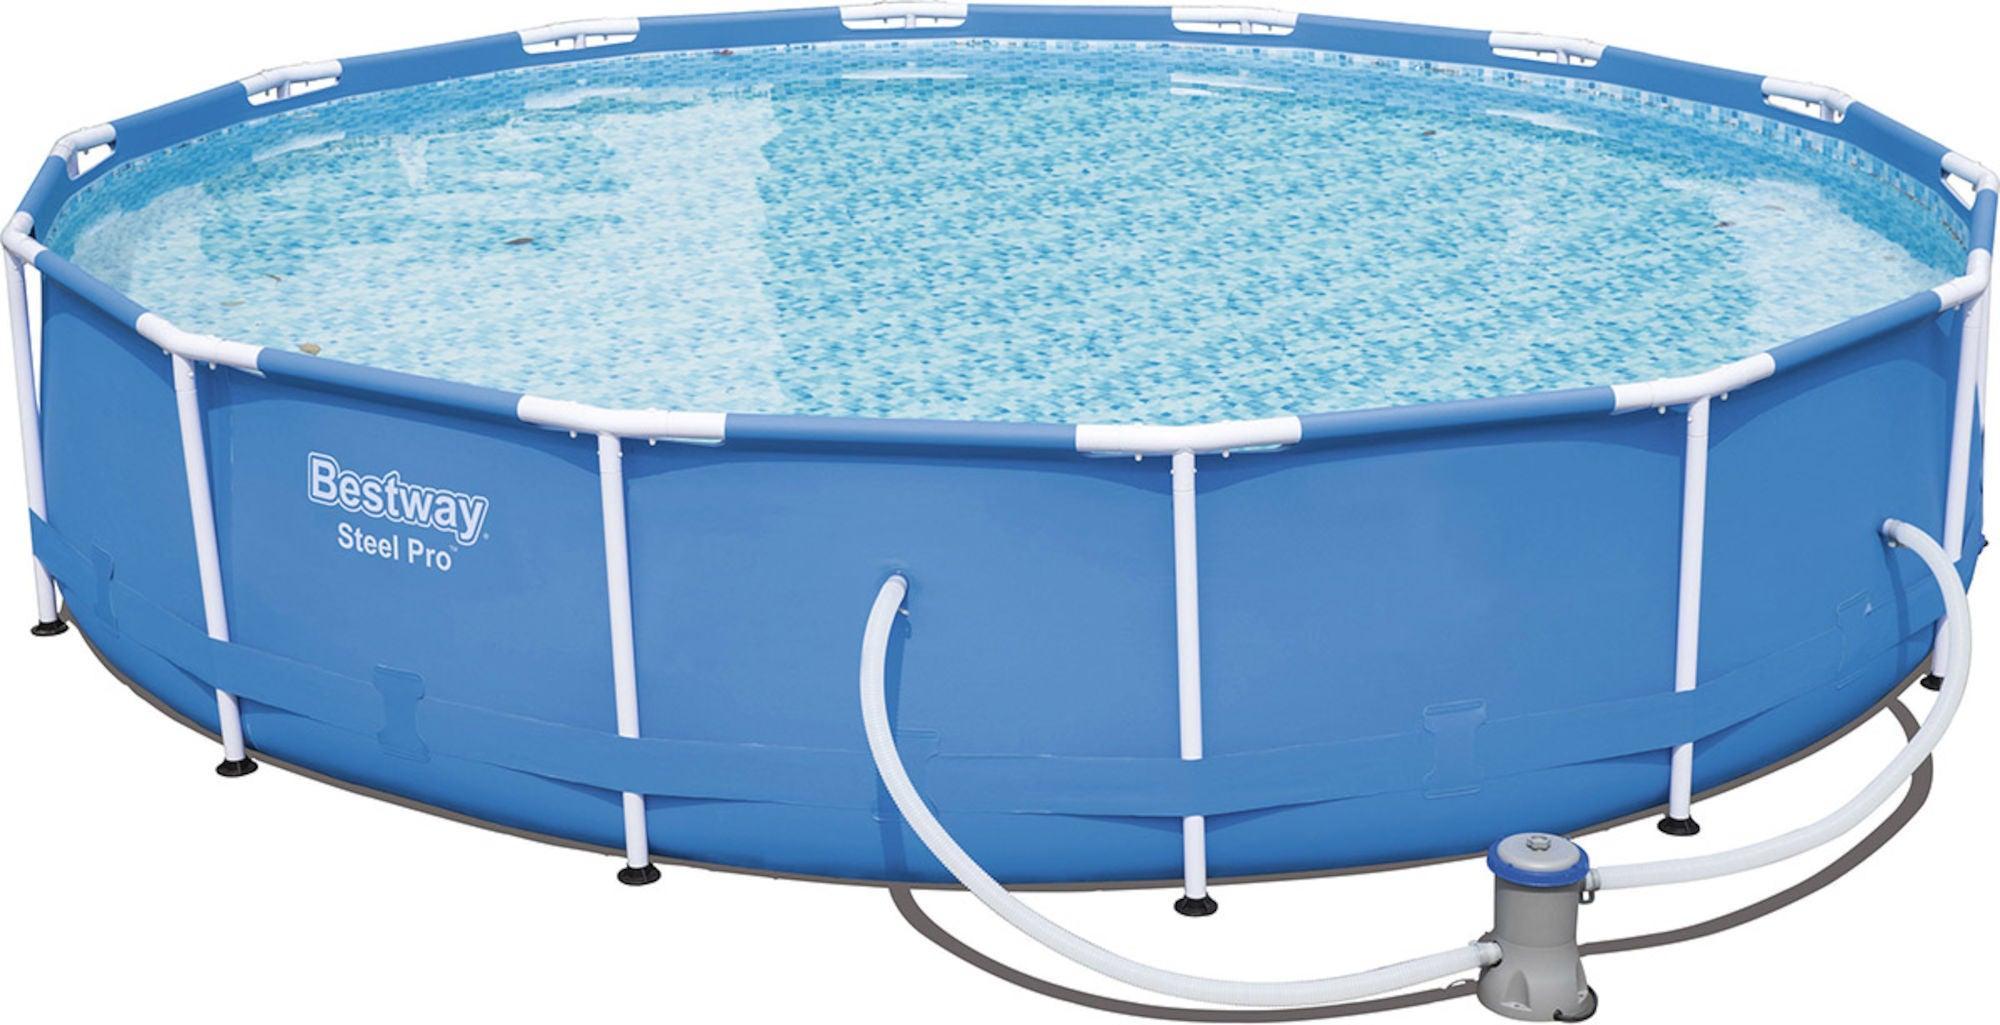 Bestway Steel Pro Pool m. Tillbehör 427 cm